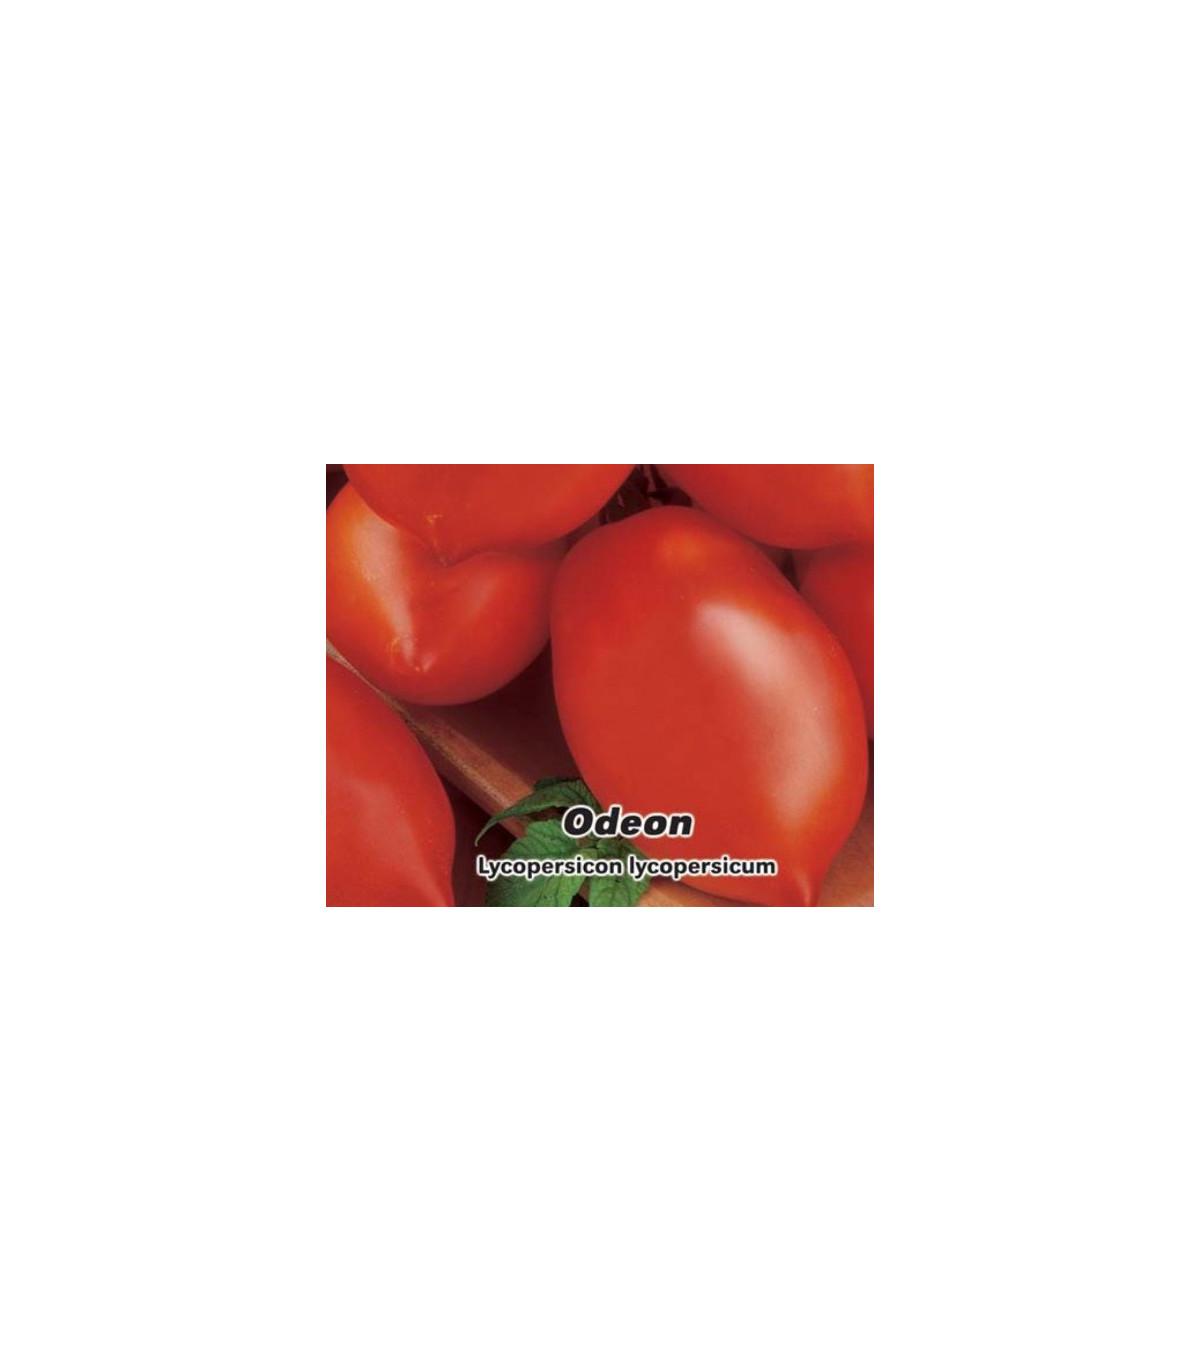 Paradajka Odeon kríčková - Lycopersicon Lycopersicum - predaj semien paradajok - 0,1 g